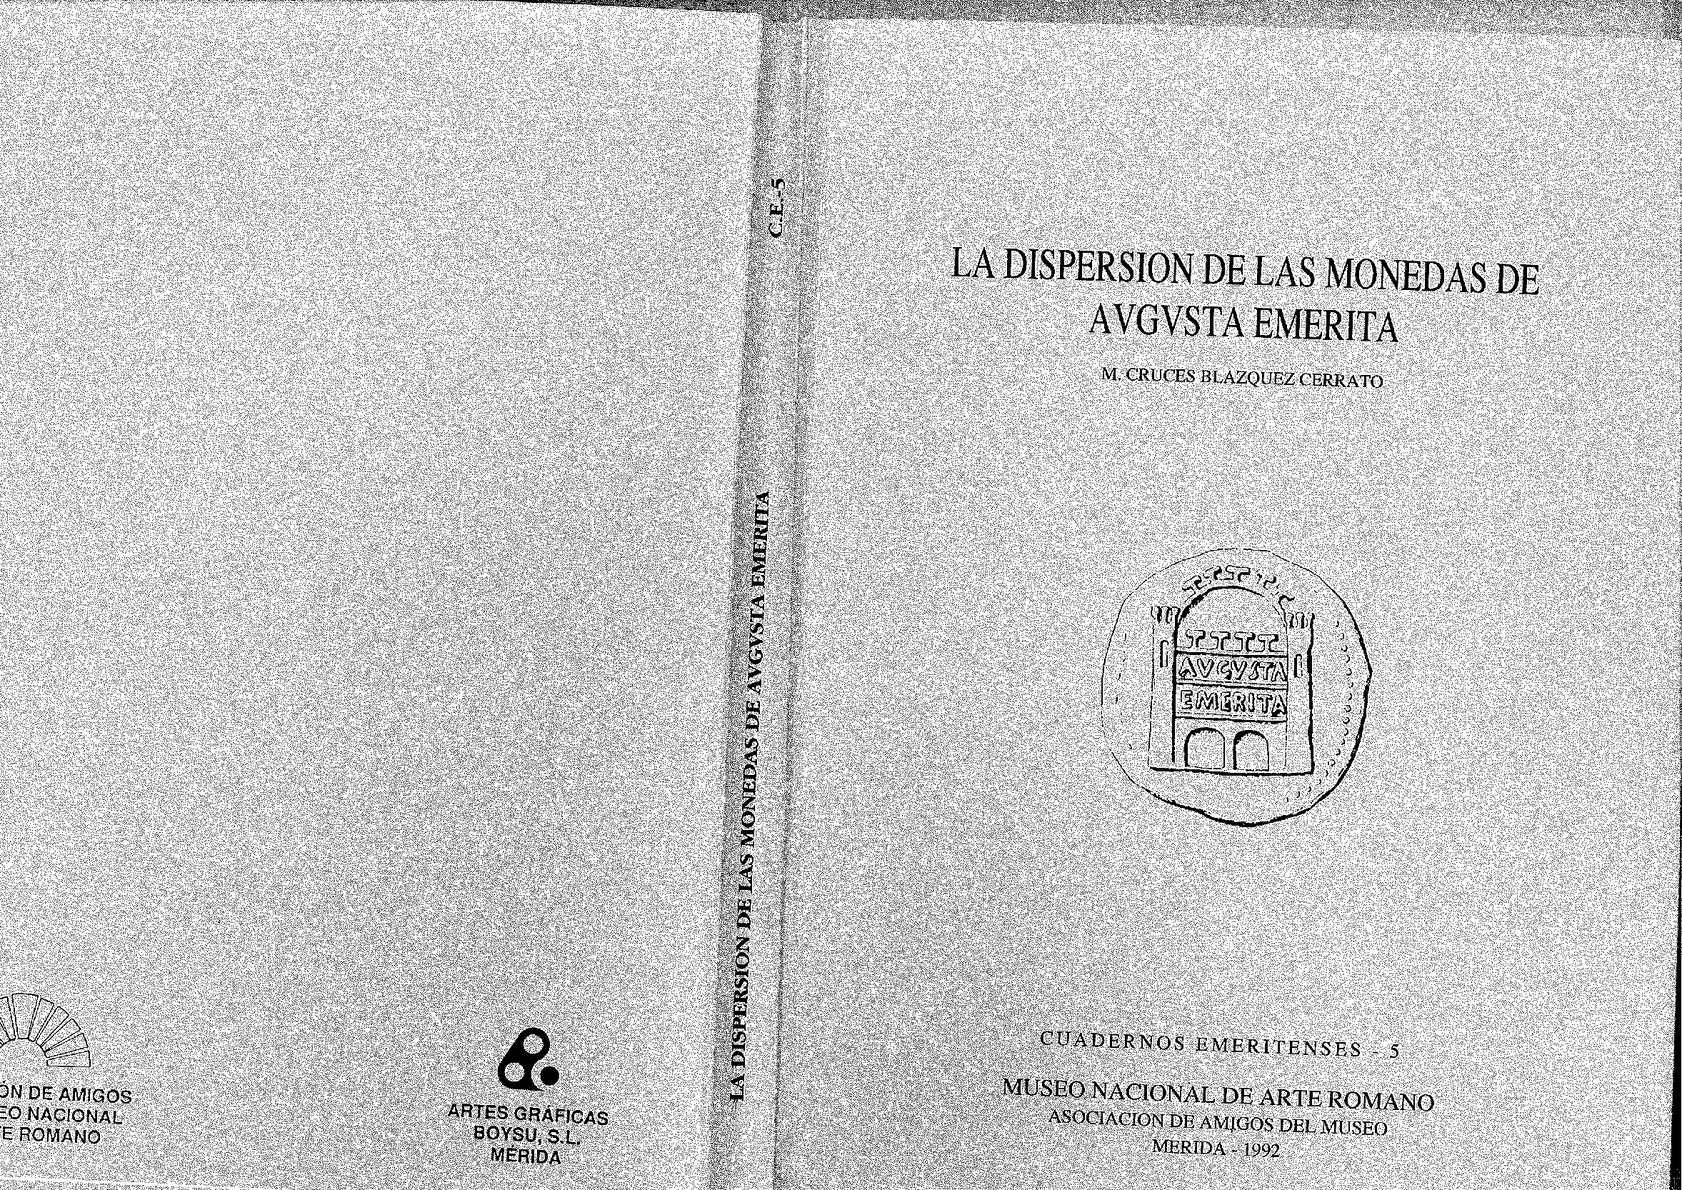 La dispersión de las monedas de Avgvsta  emerita. Cuadernos Emeritenses, 5.